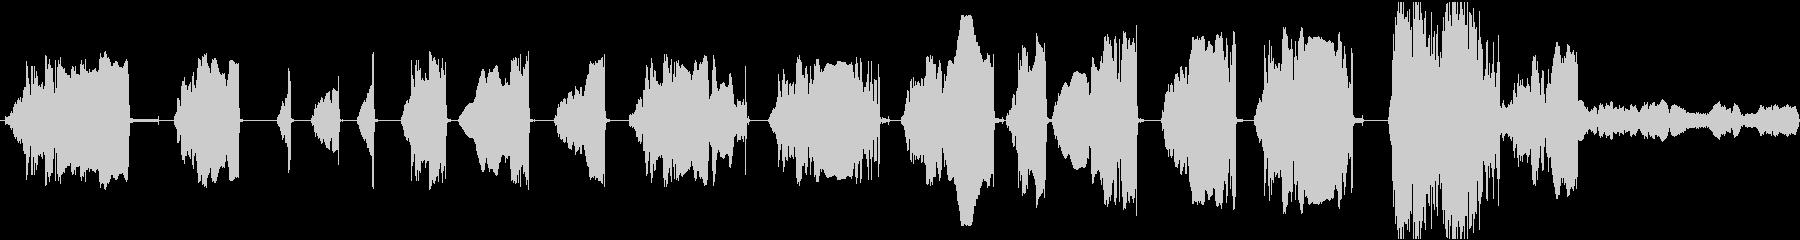 低空間摩擦音調の音、ゆっくりとした...の未再生の波形